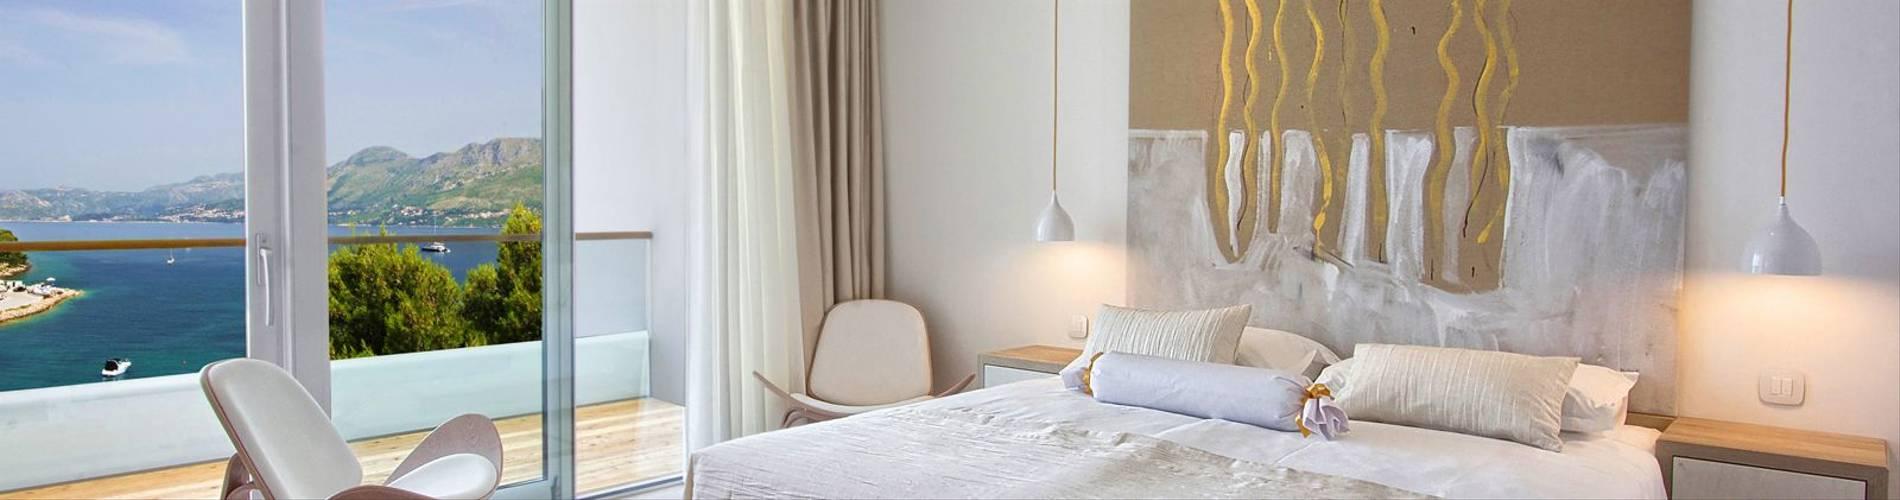 hotel_cavtat43.jpg